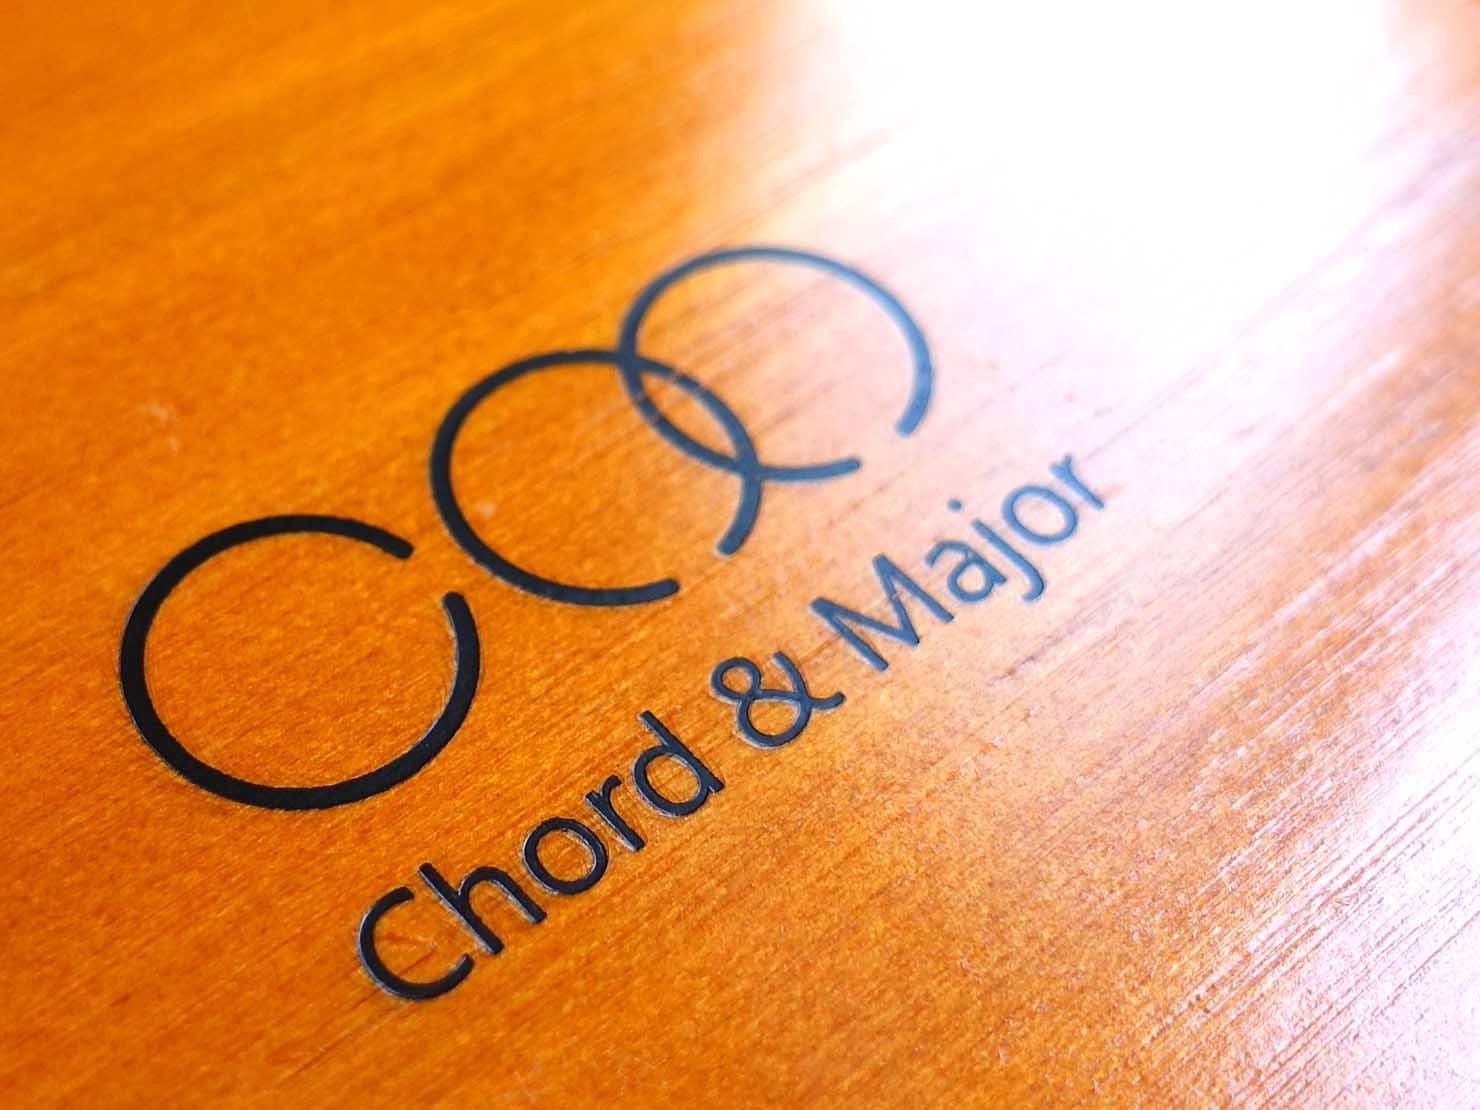 台湾発の高品質イヤホンブランド「Chord&Major(コード&メジャー)」ロゴ